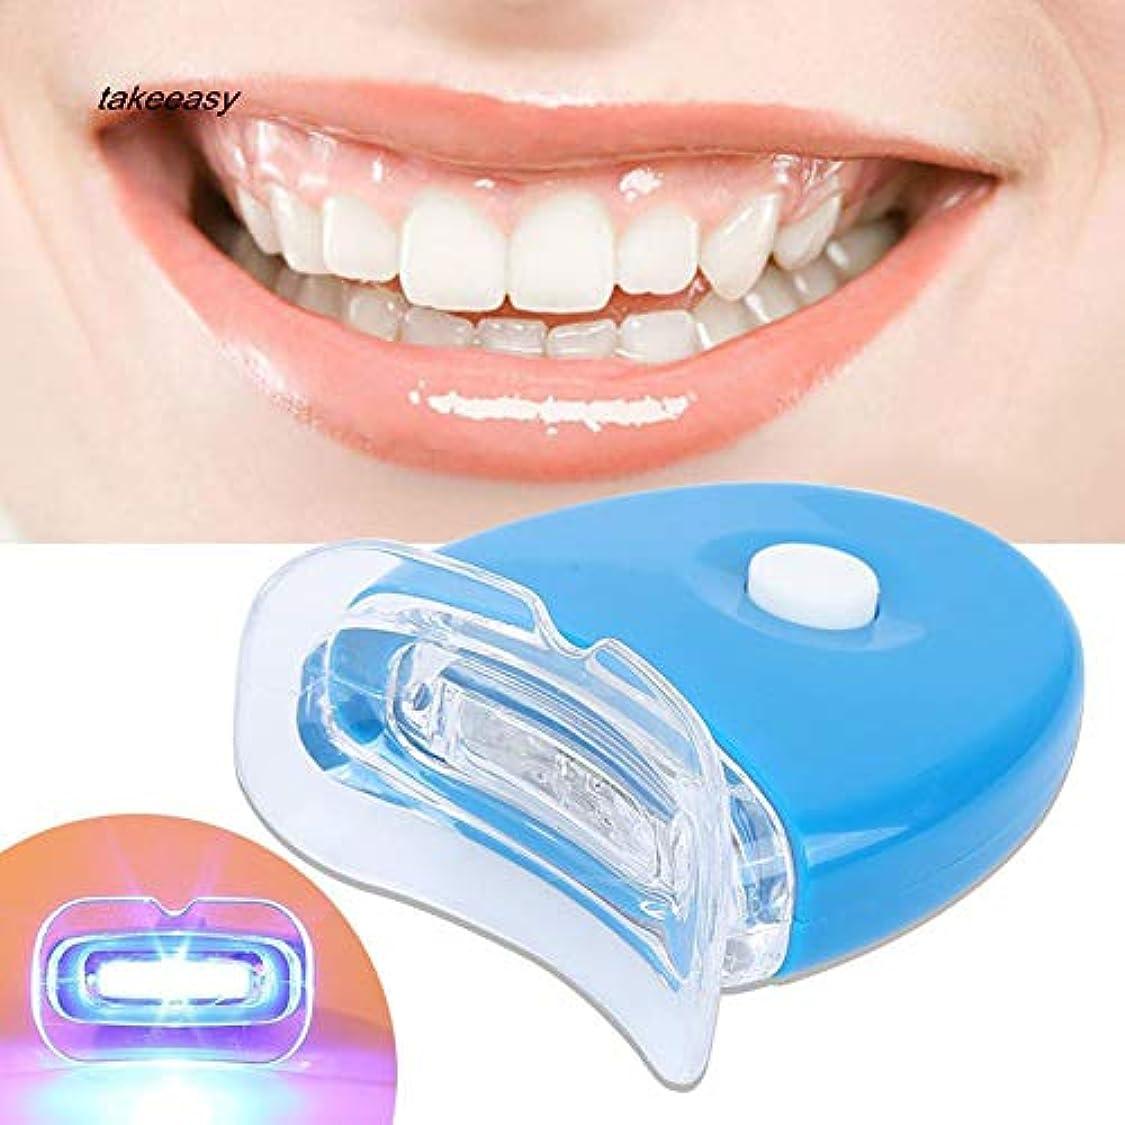 半円カリキュラムプレミア歯ホワイトニング器 歯美白器 美歯器 ホワイトニング ホワイトナー ケア 歯の消しゴム 歯科機器 口腔ゲルキット ライト付き 歯を白くする